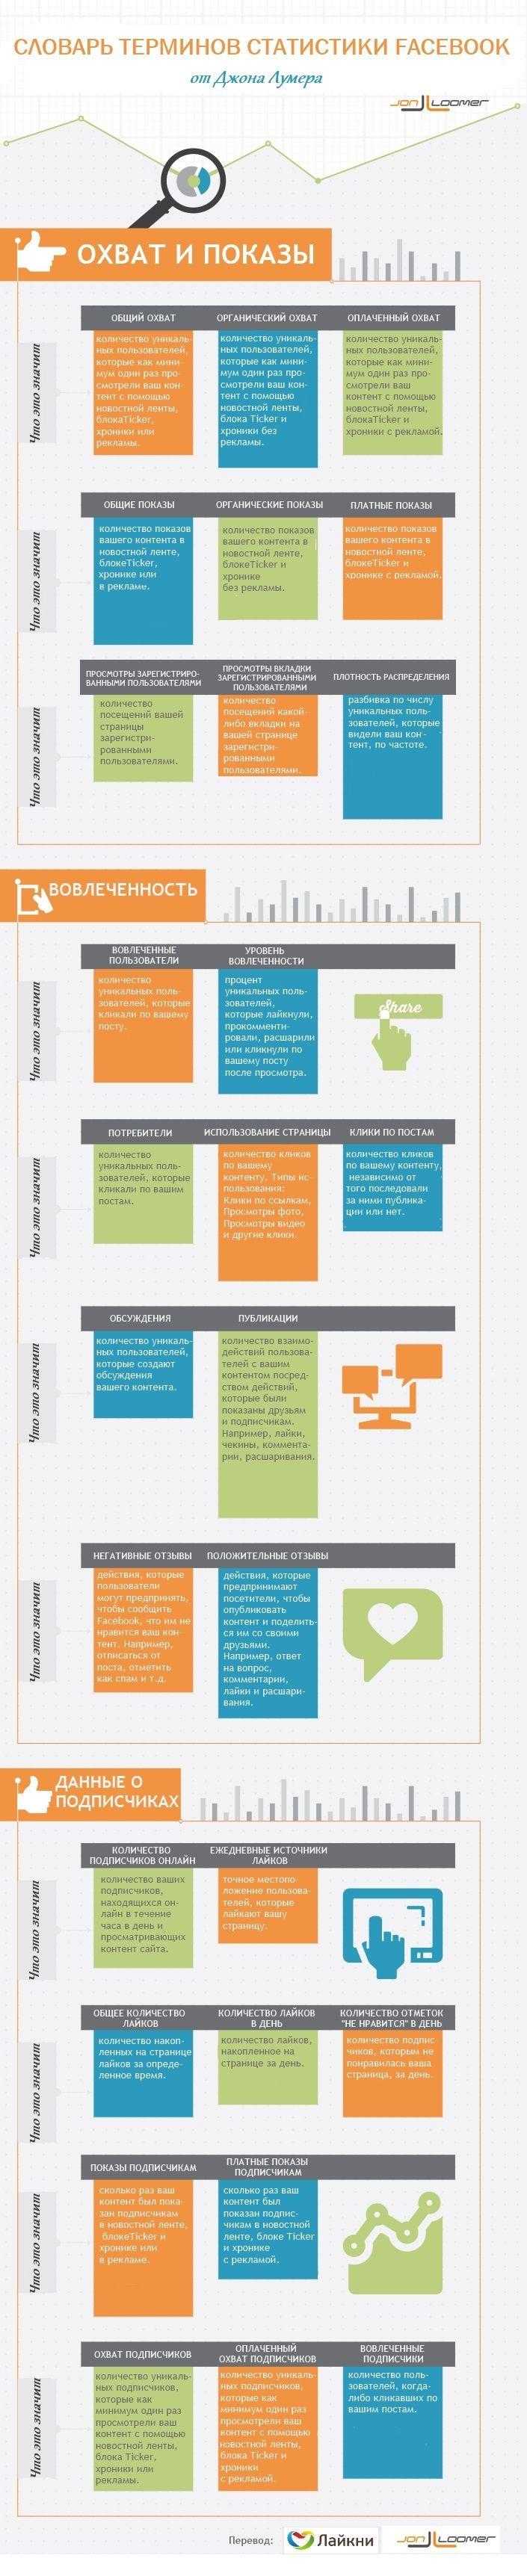 Инфографика: словарь терминов статистики Facebook